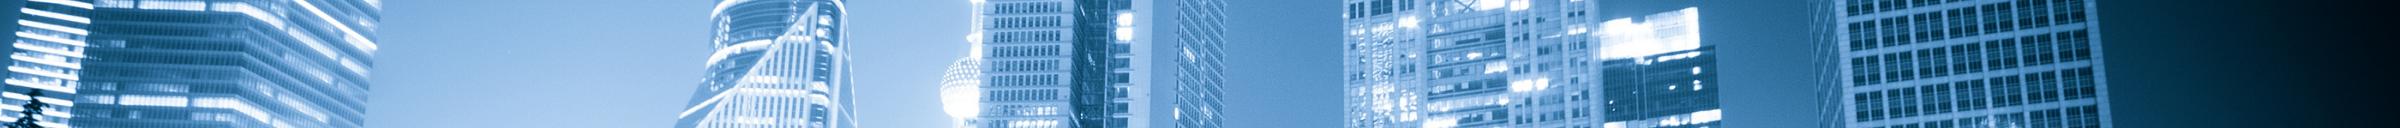 kintone ポータル スペース カバー画像(ビル・町シリーズ 1)